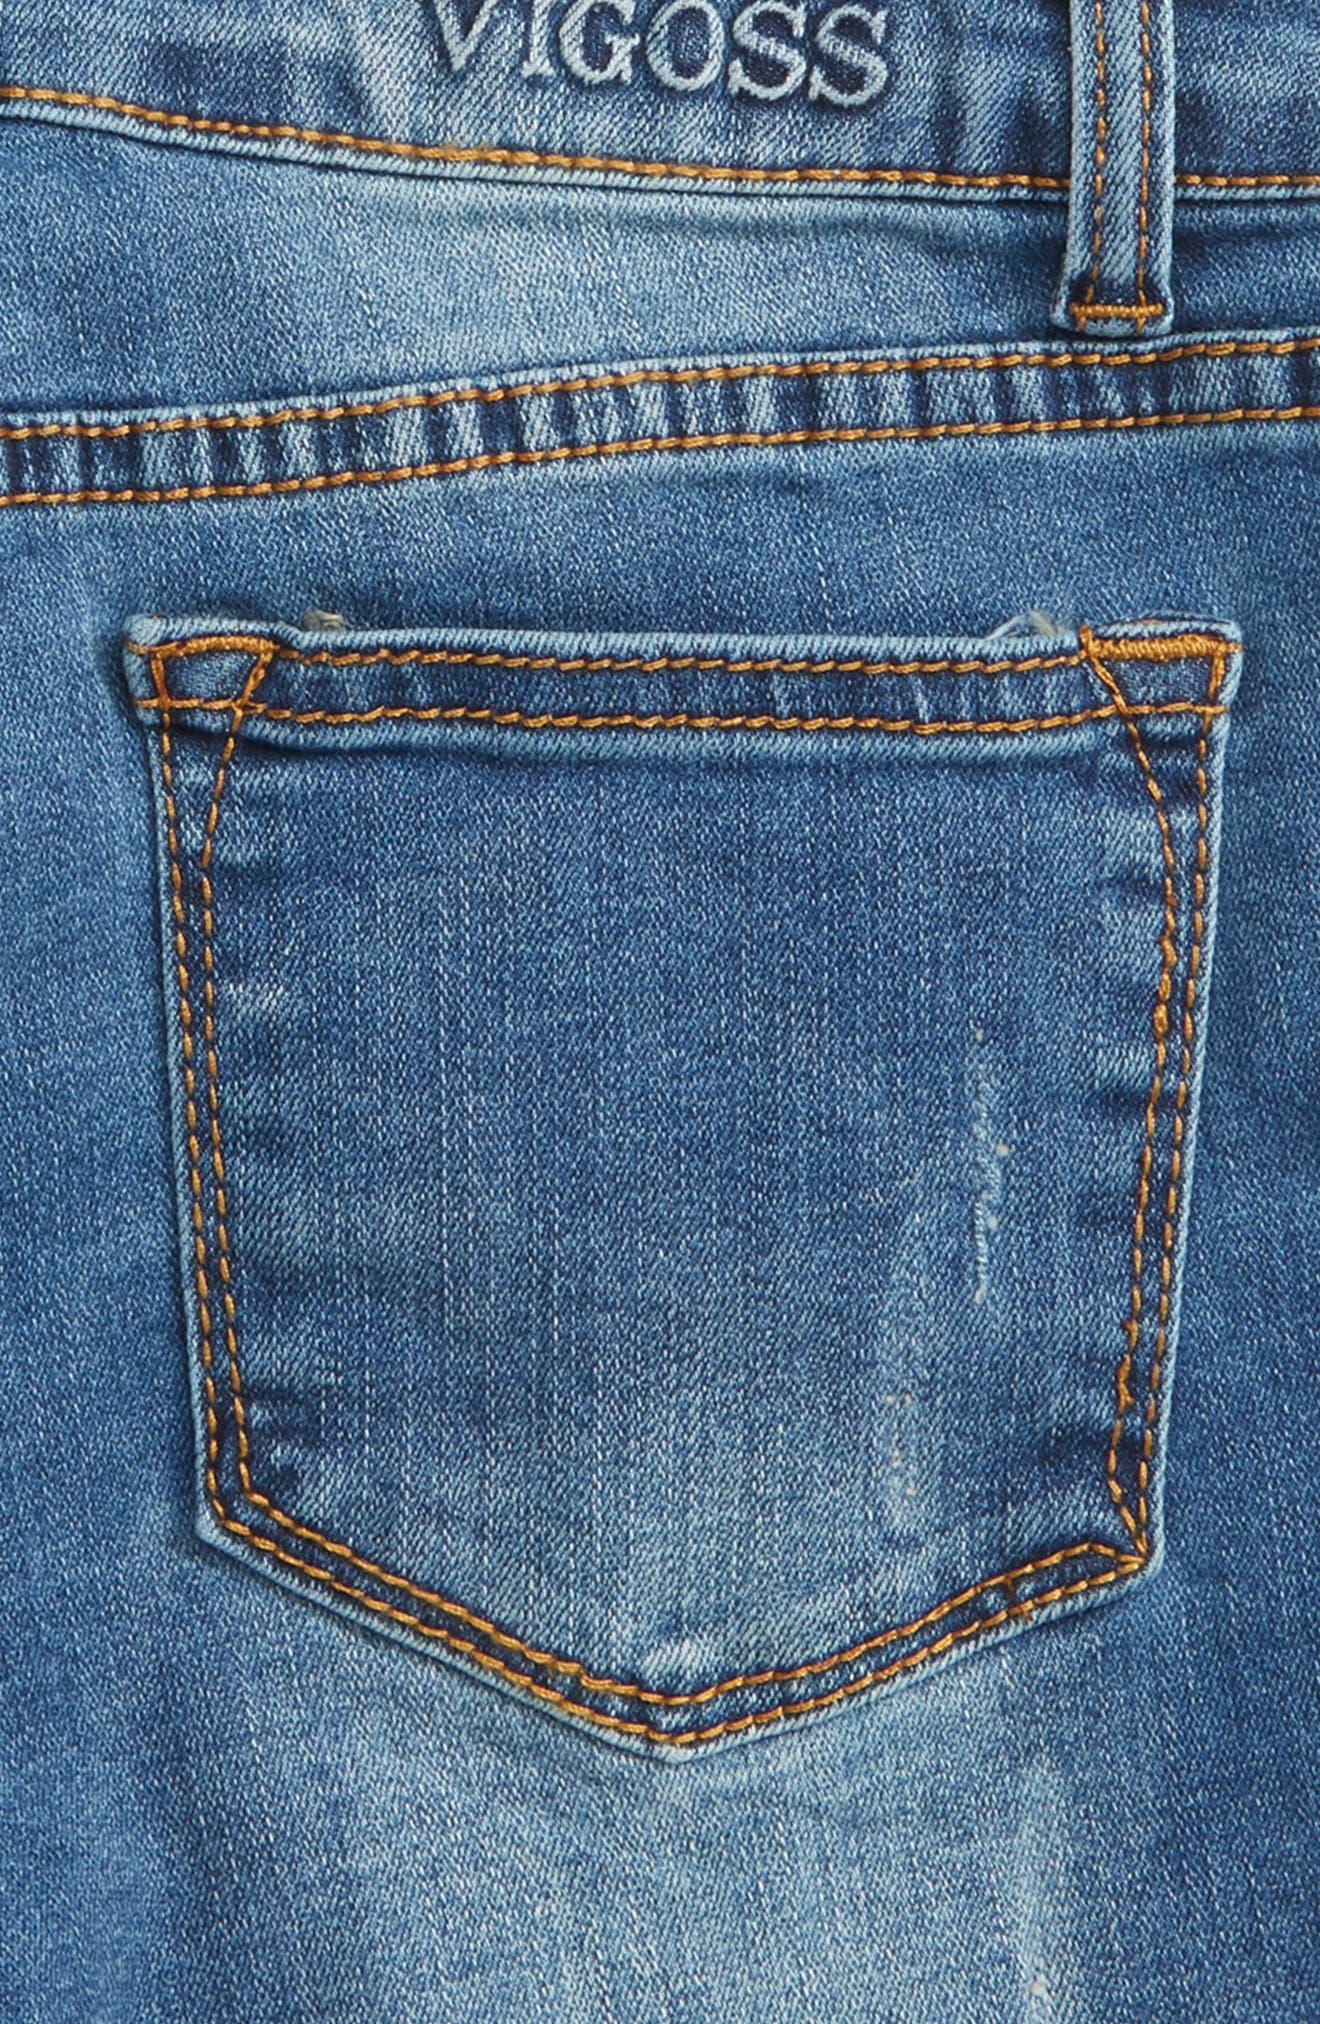 Bermidi Frayed Step Hem Shorts,                             Alternate thumbnail 3, color,